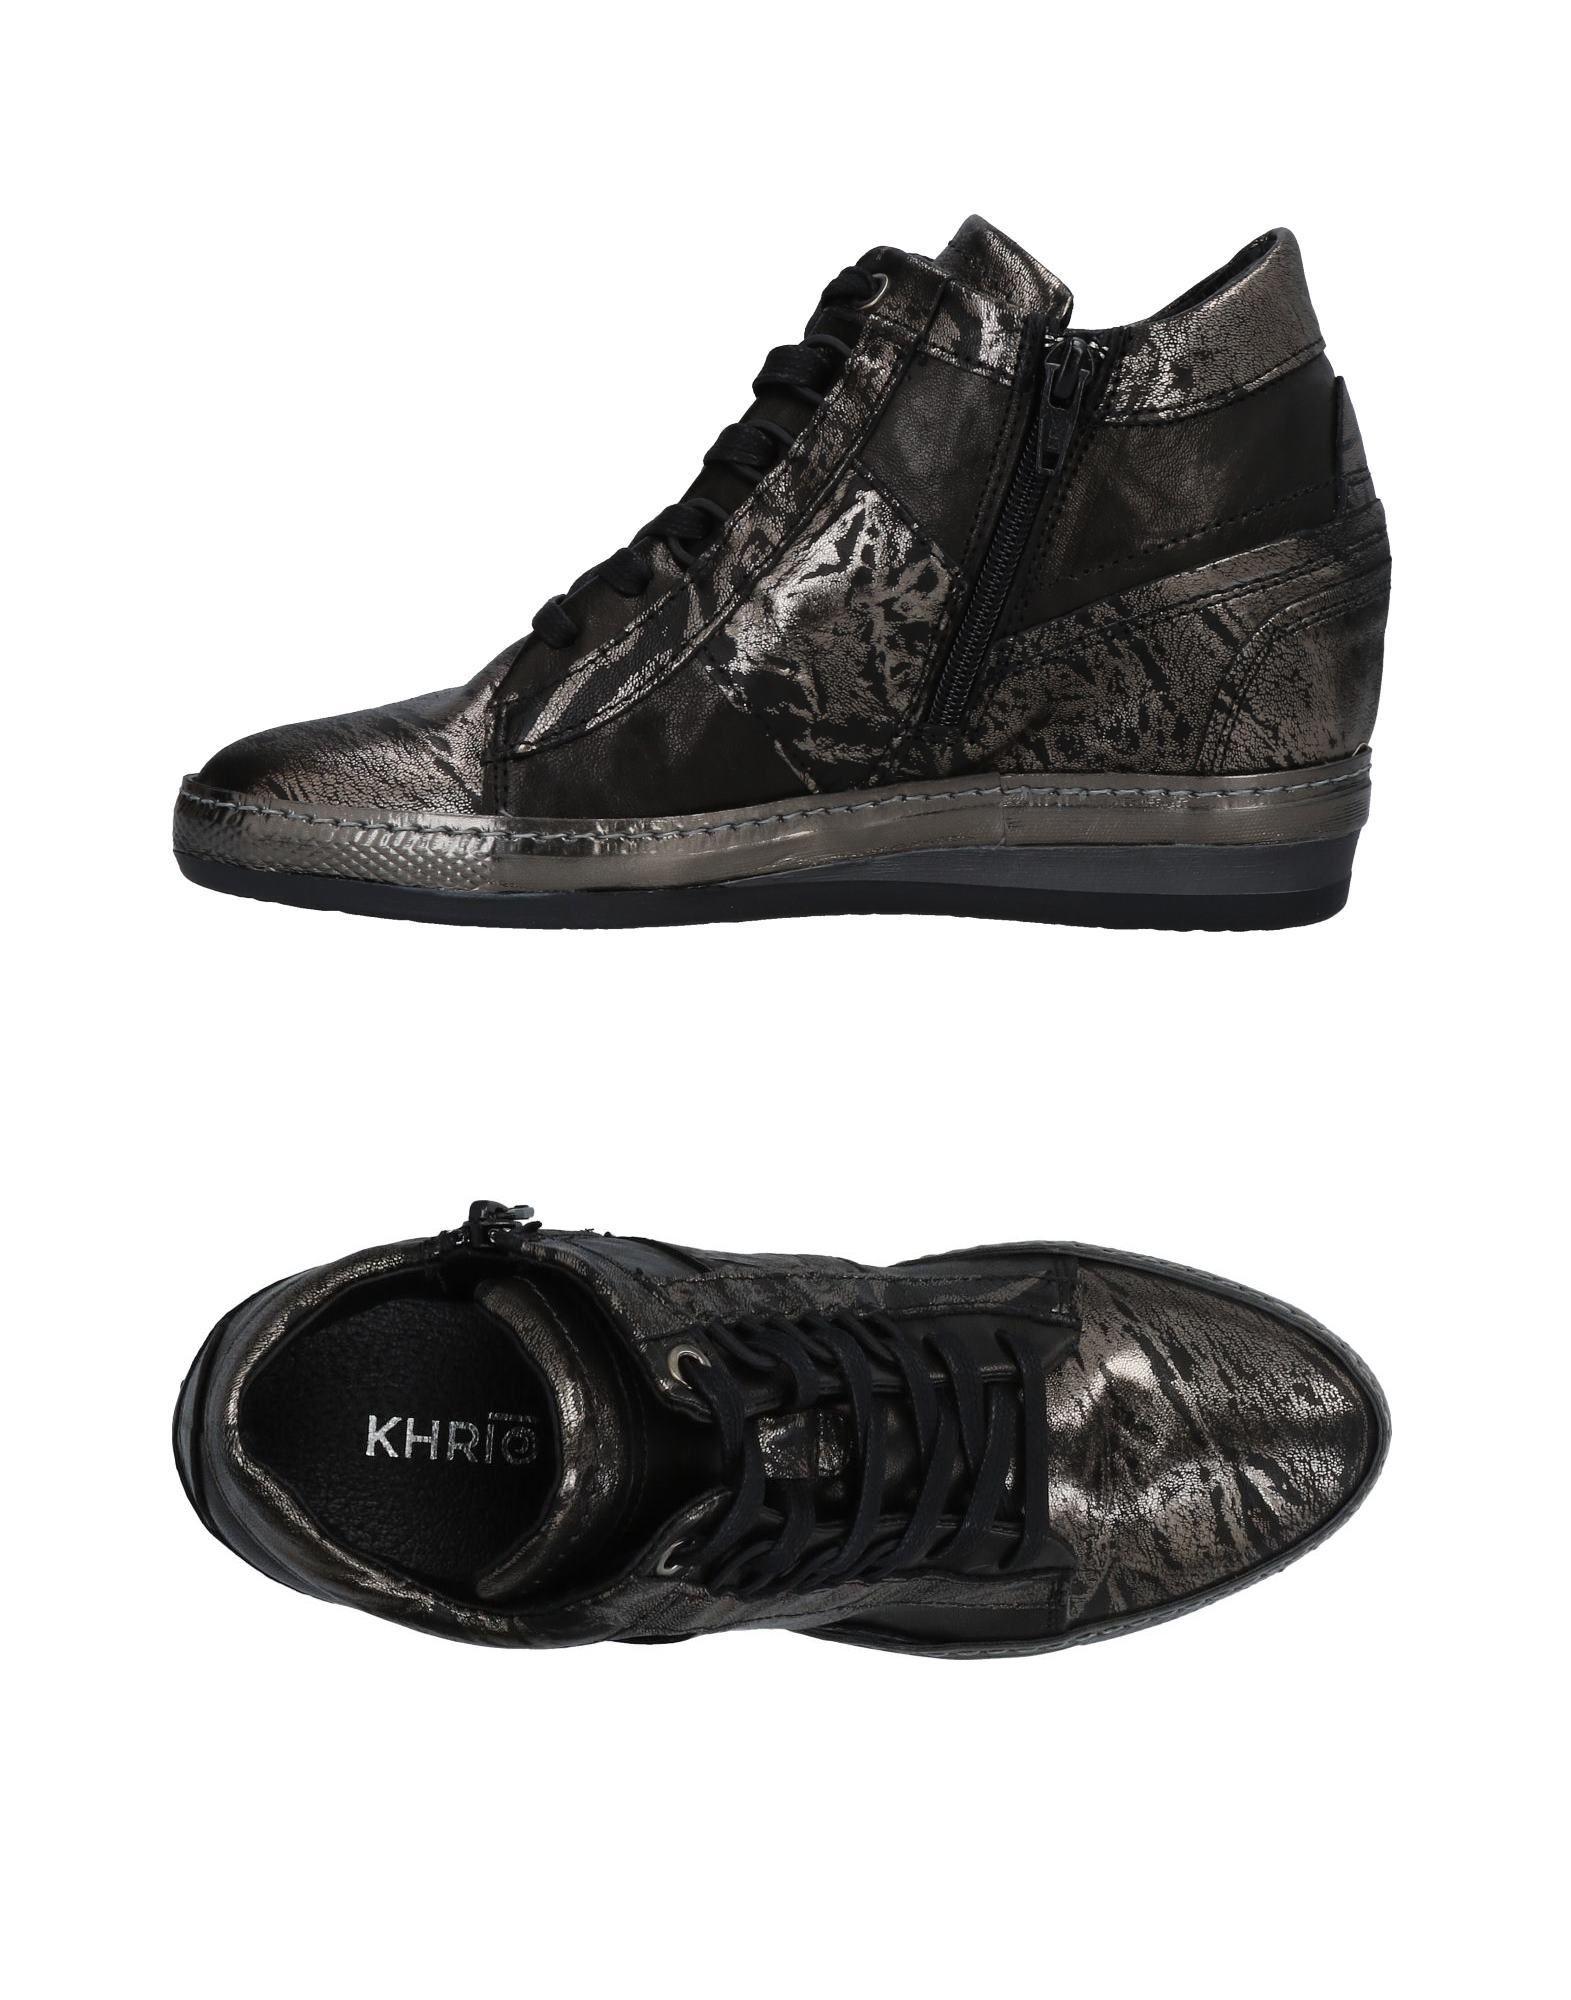 Sneakers Khrio' Donna - 11492376KG Scarpe economiche e buone